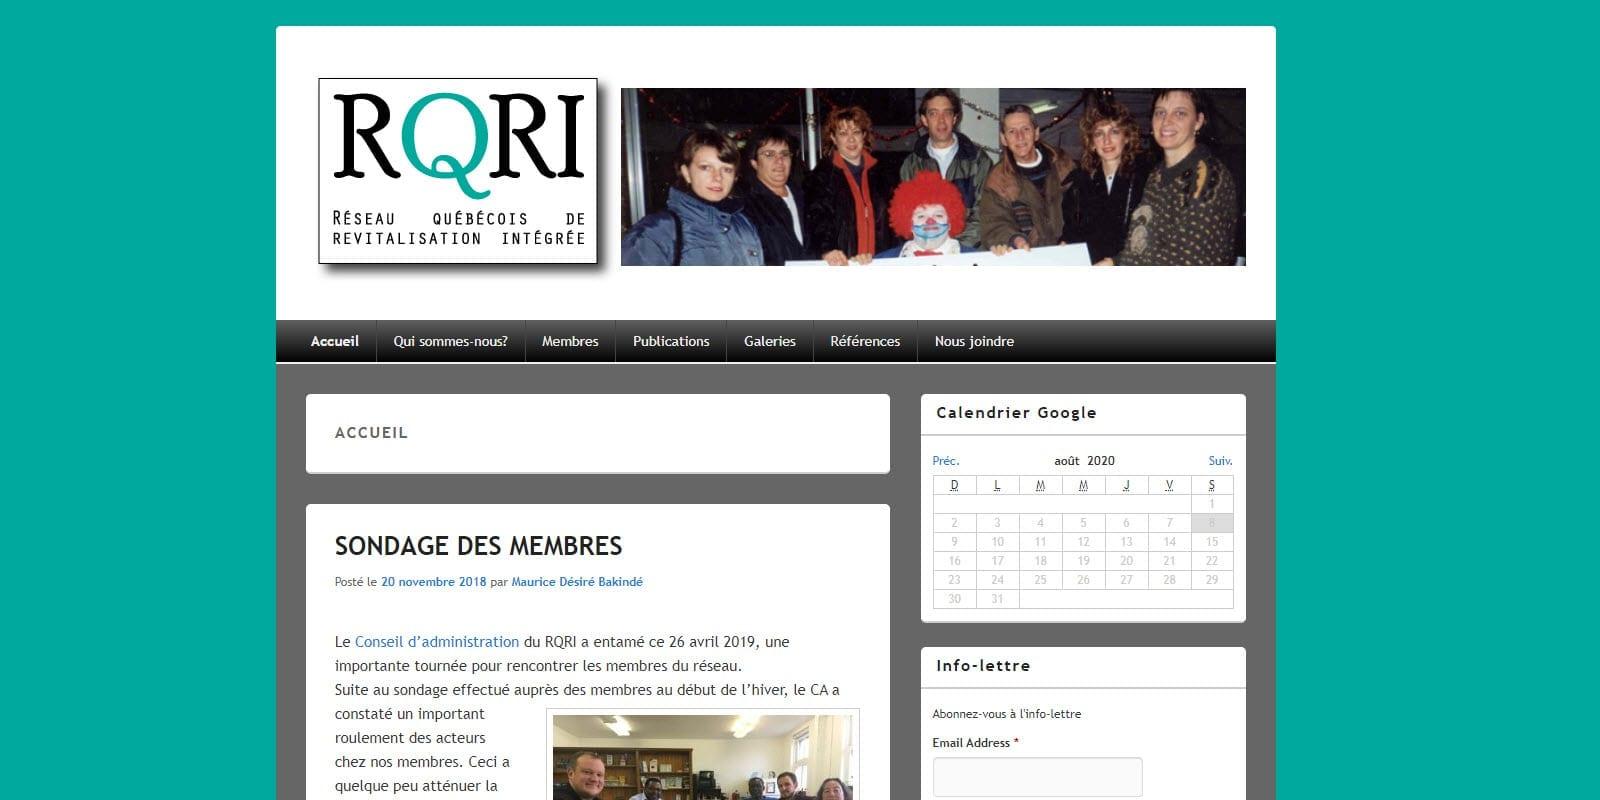 rqri.org